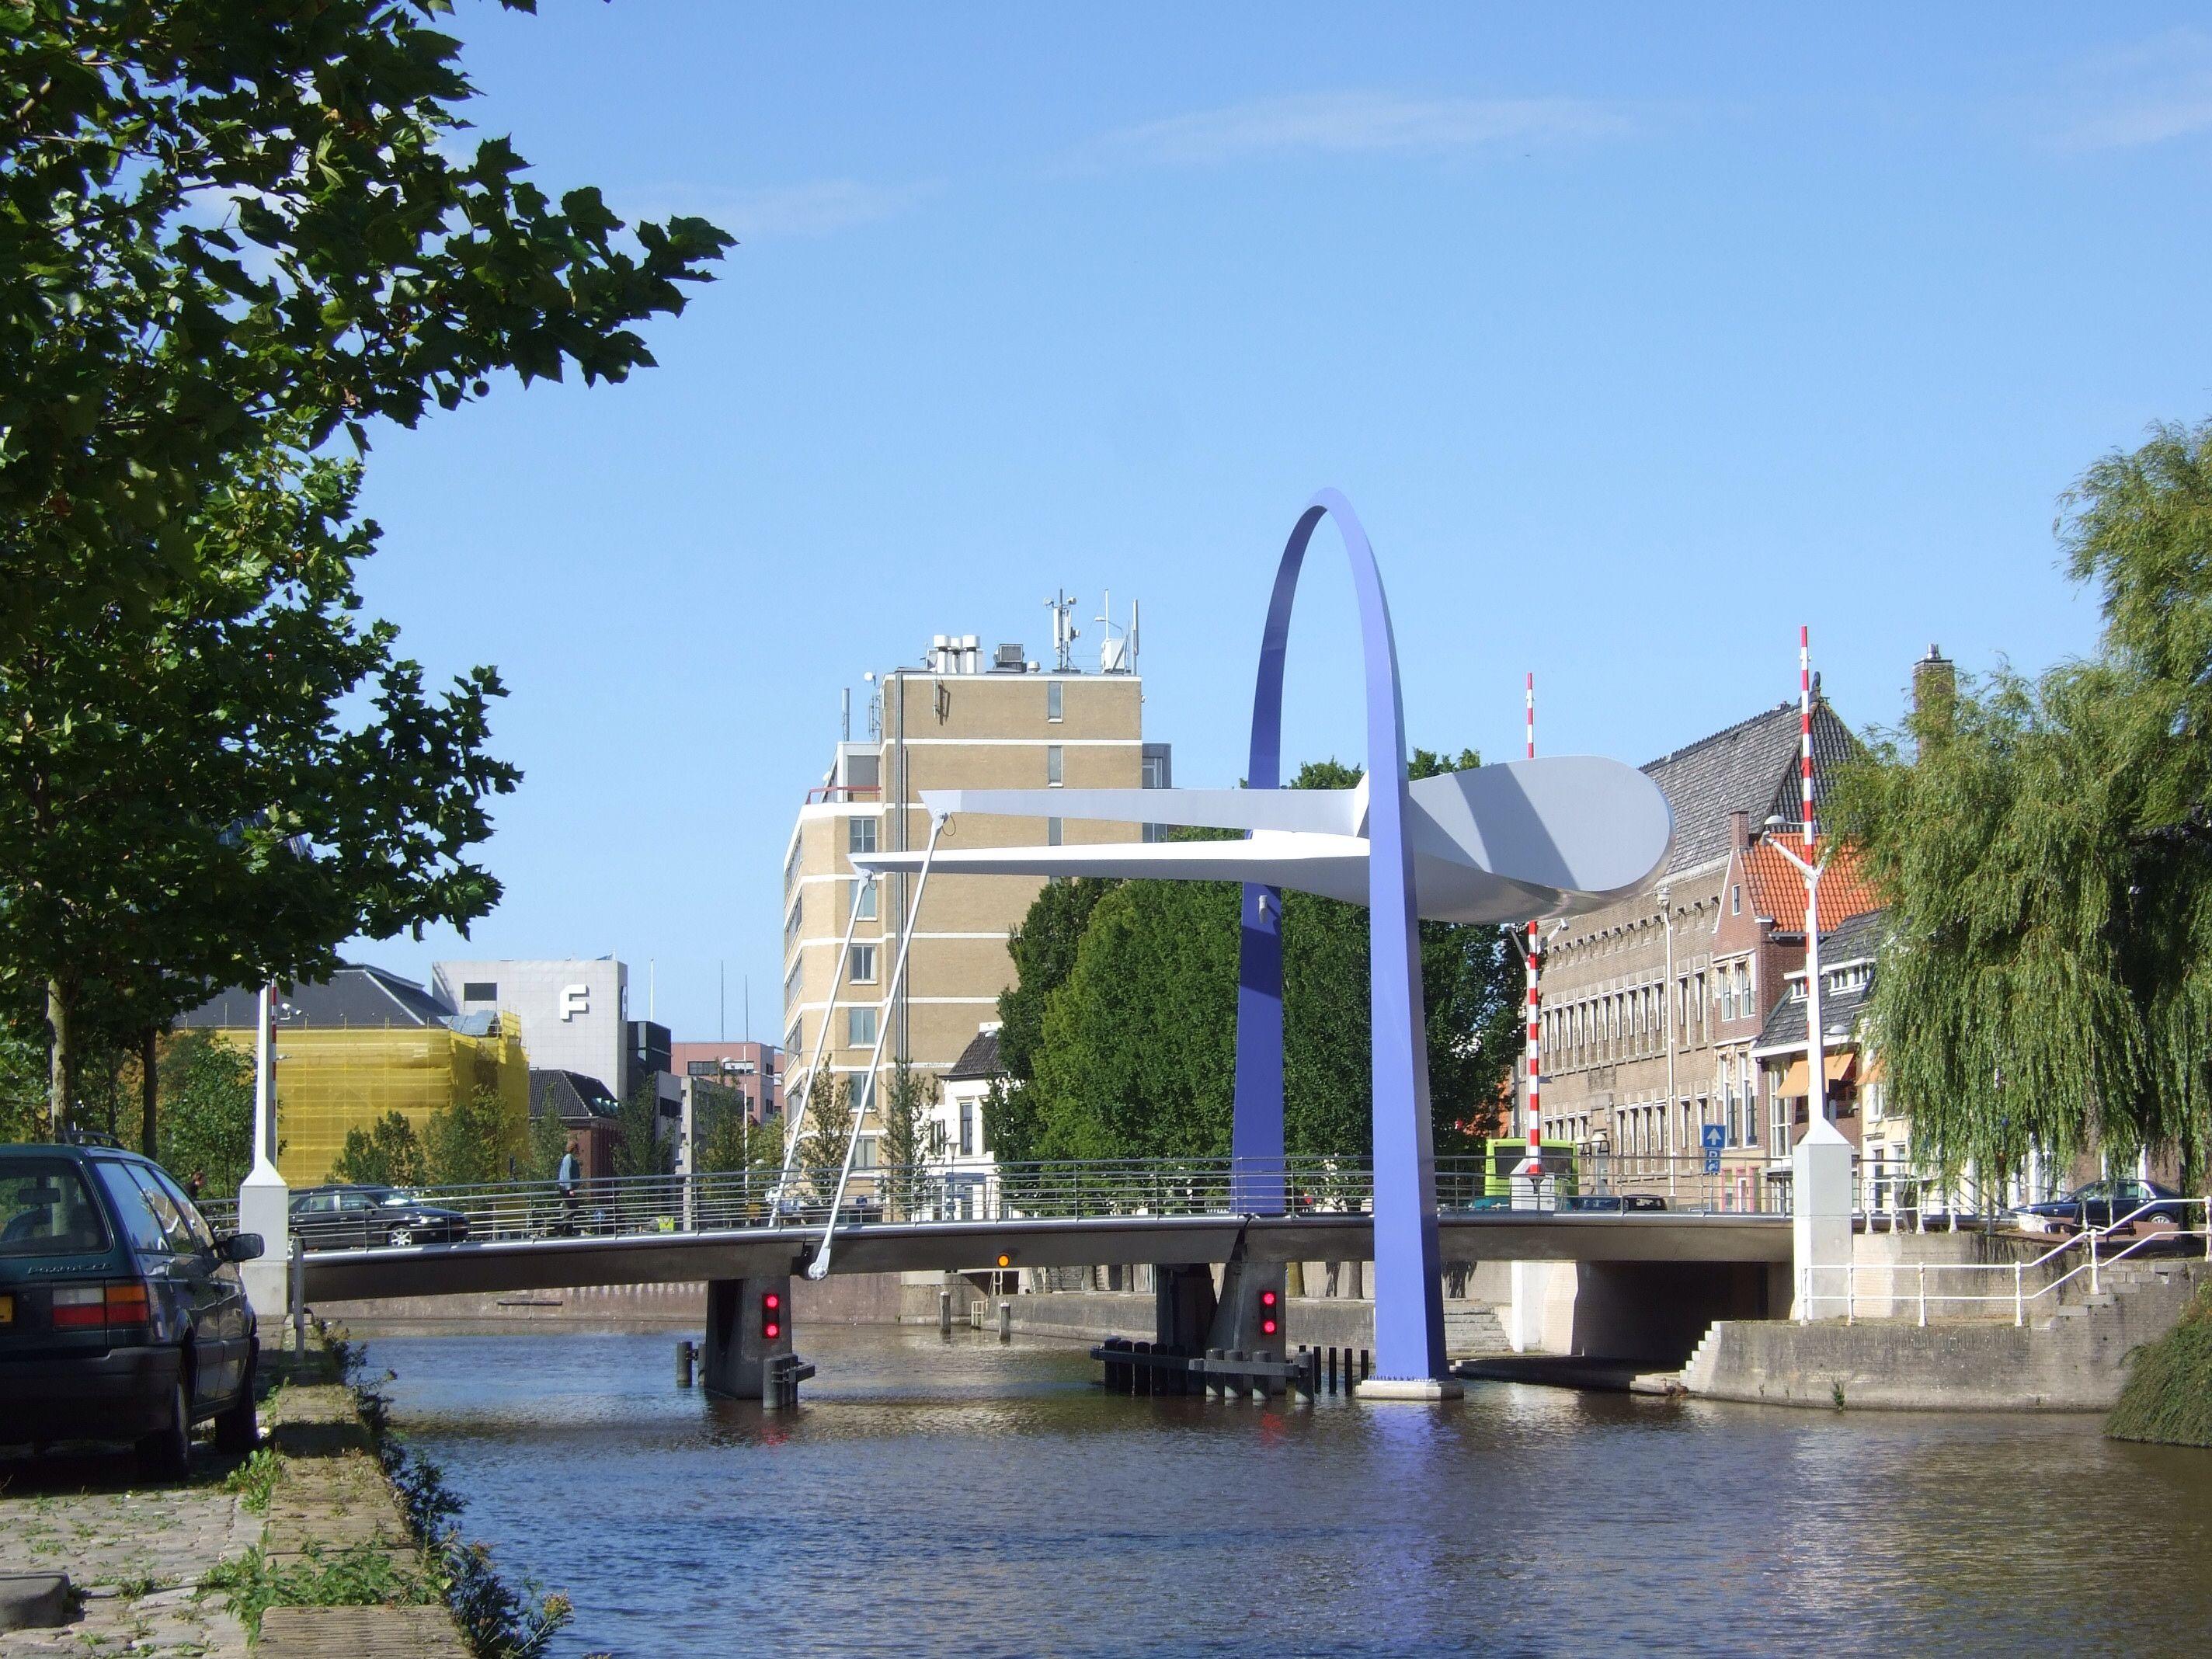 Poortbrug, Leeuwarden